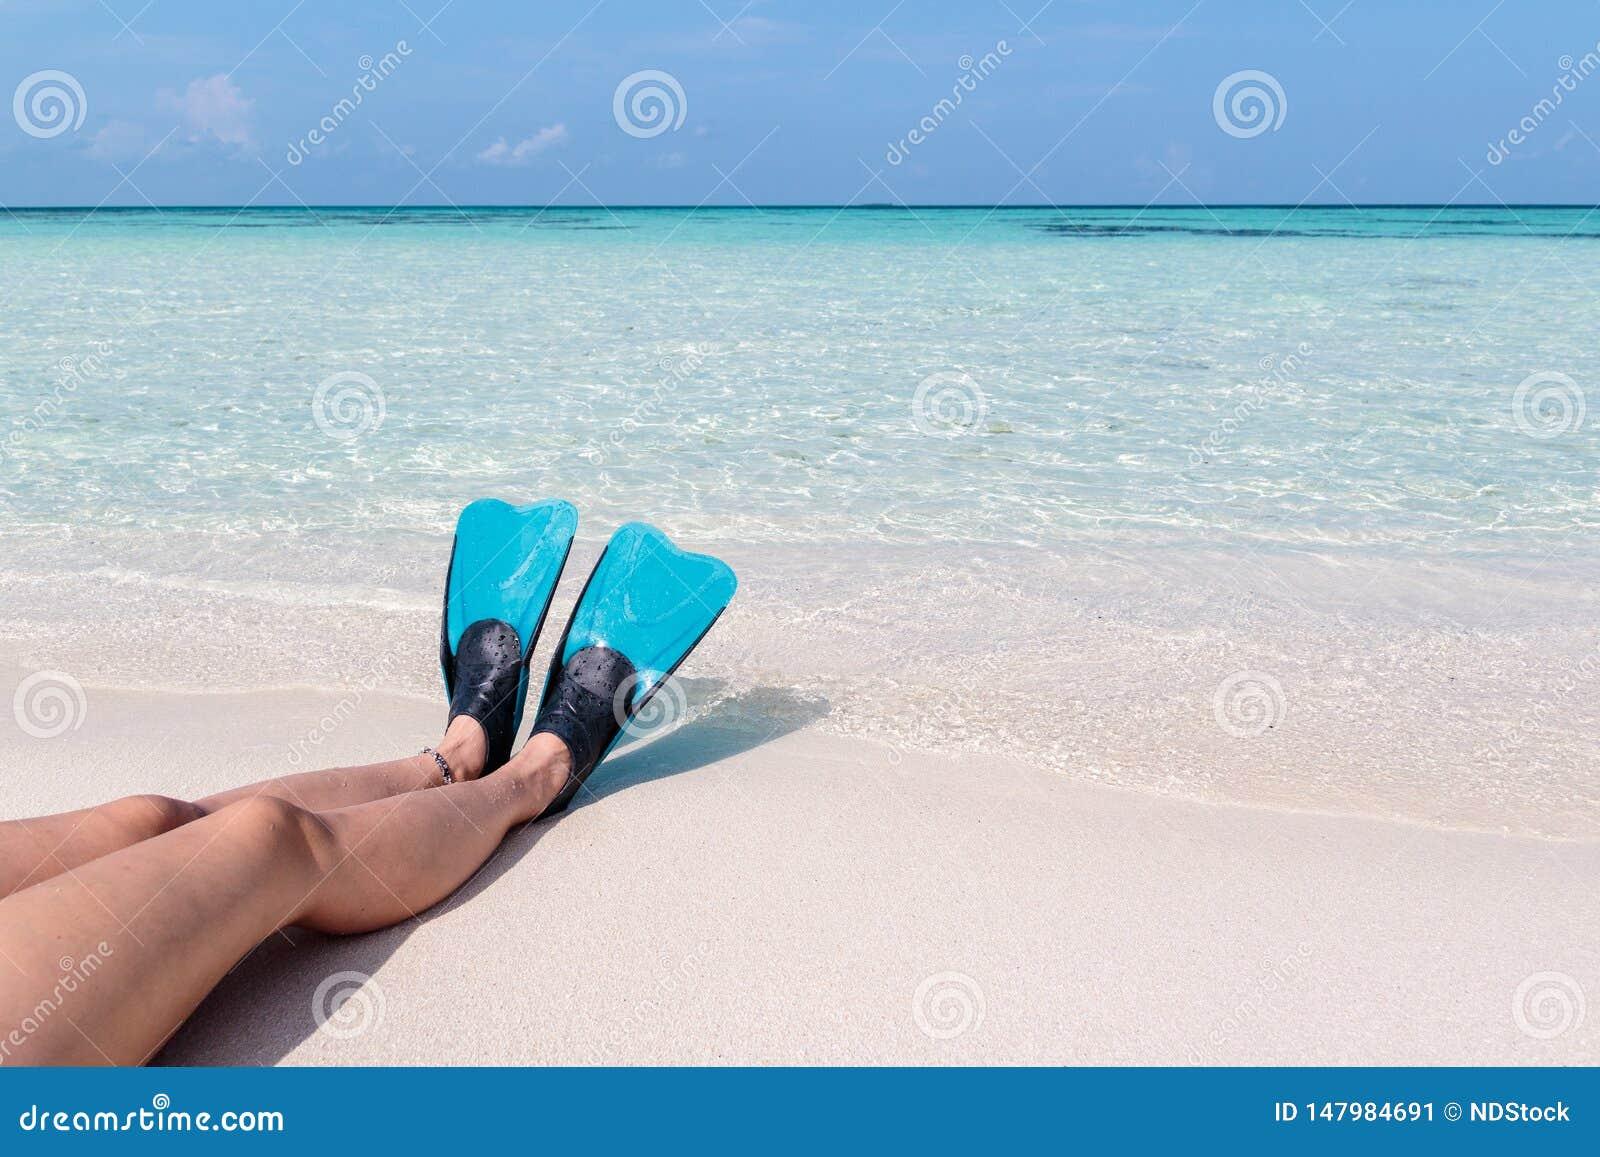 Ноги женщины с флипперами на белом пляже в Мальдивах Кристально ясное открытое море как предпосылка